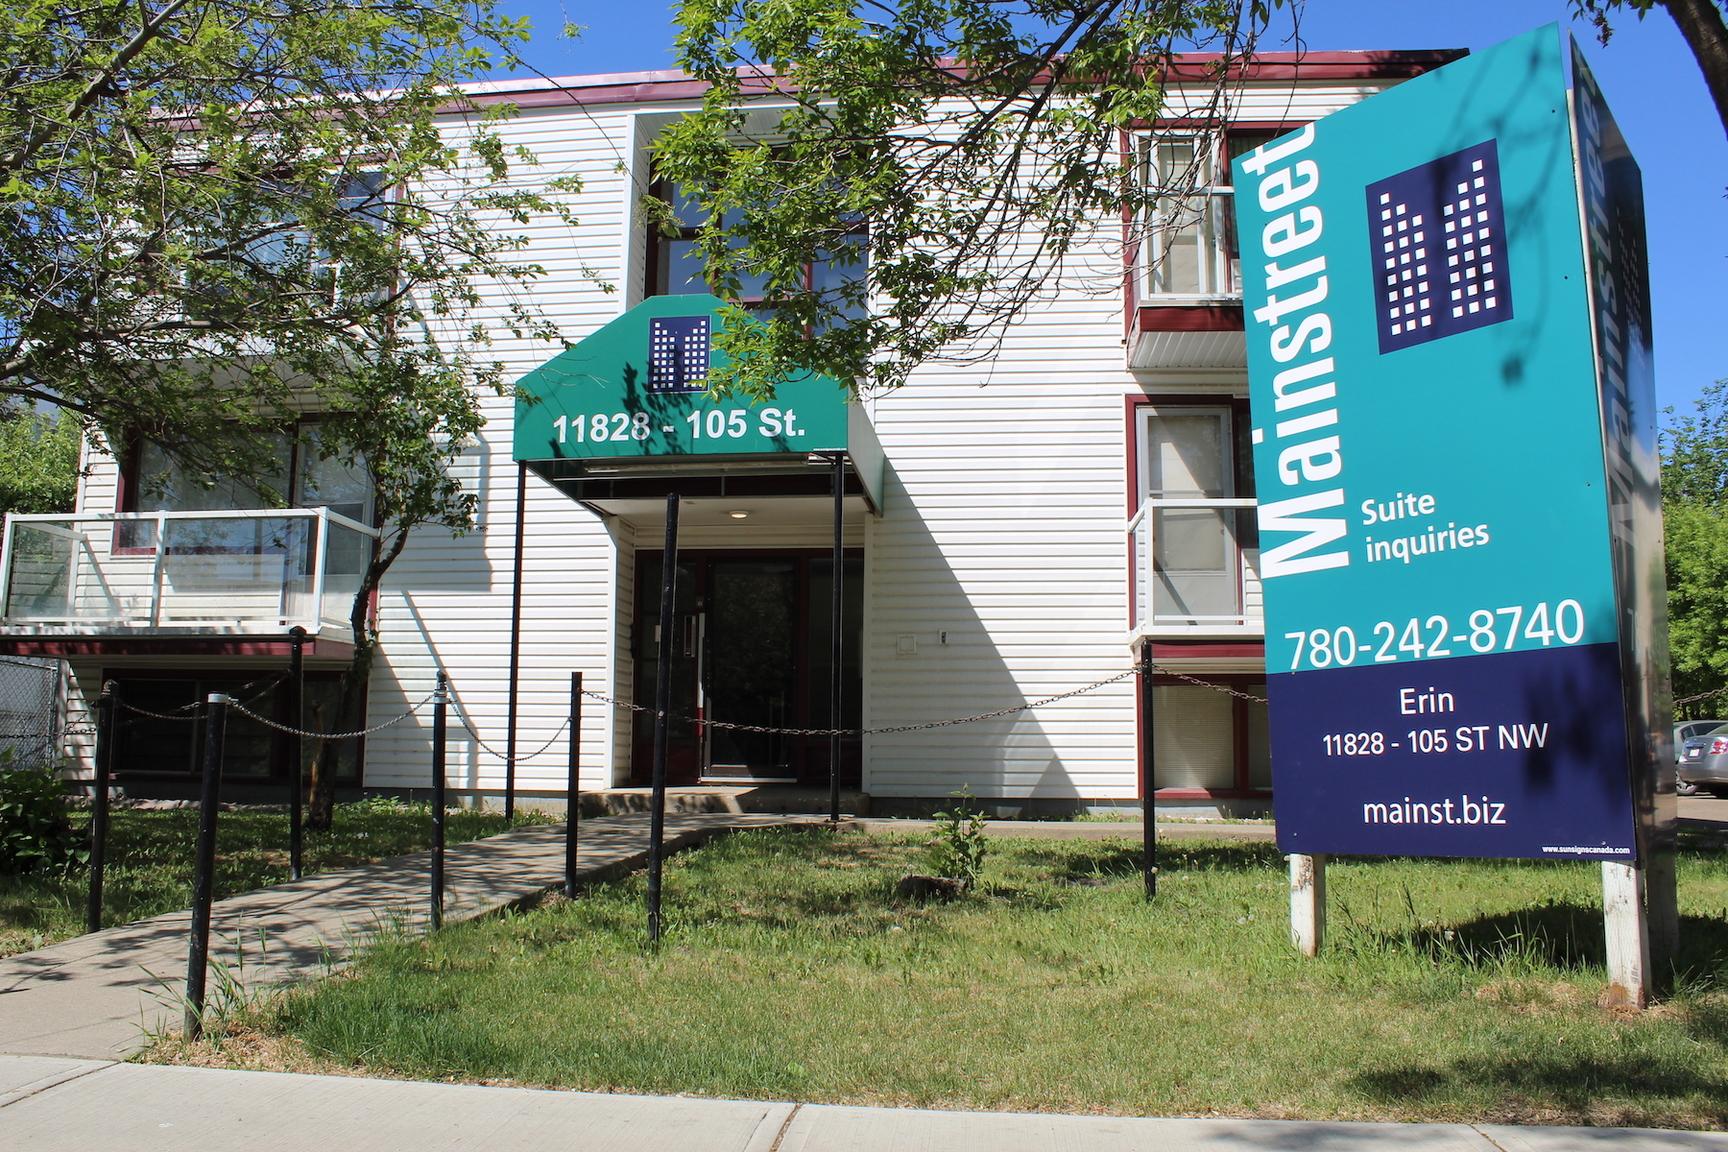 11828 105 Street NW, Edmonton, AB - $1,070